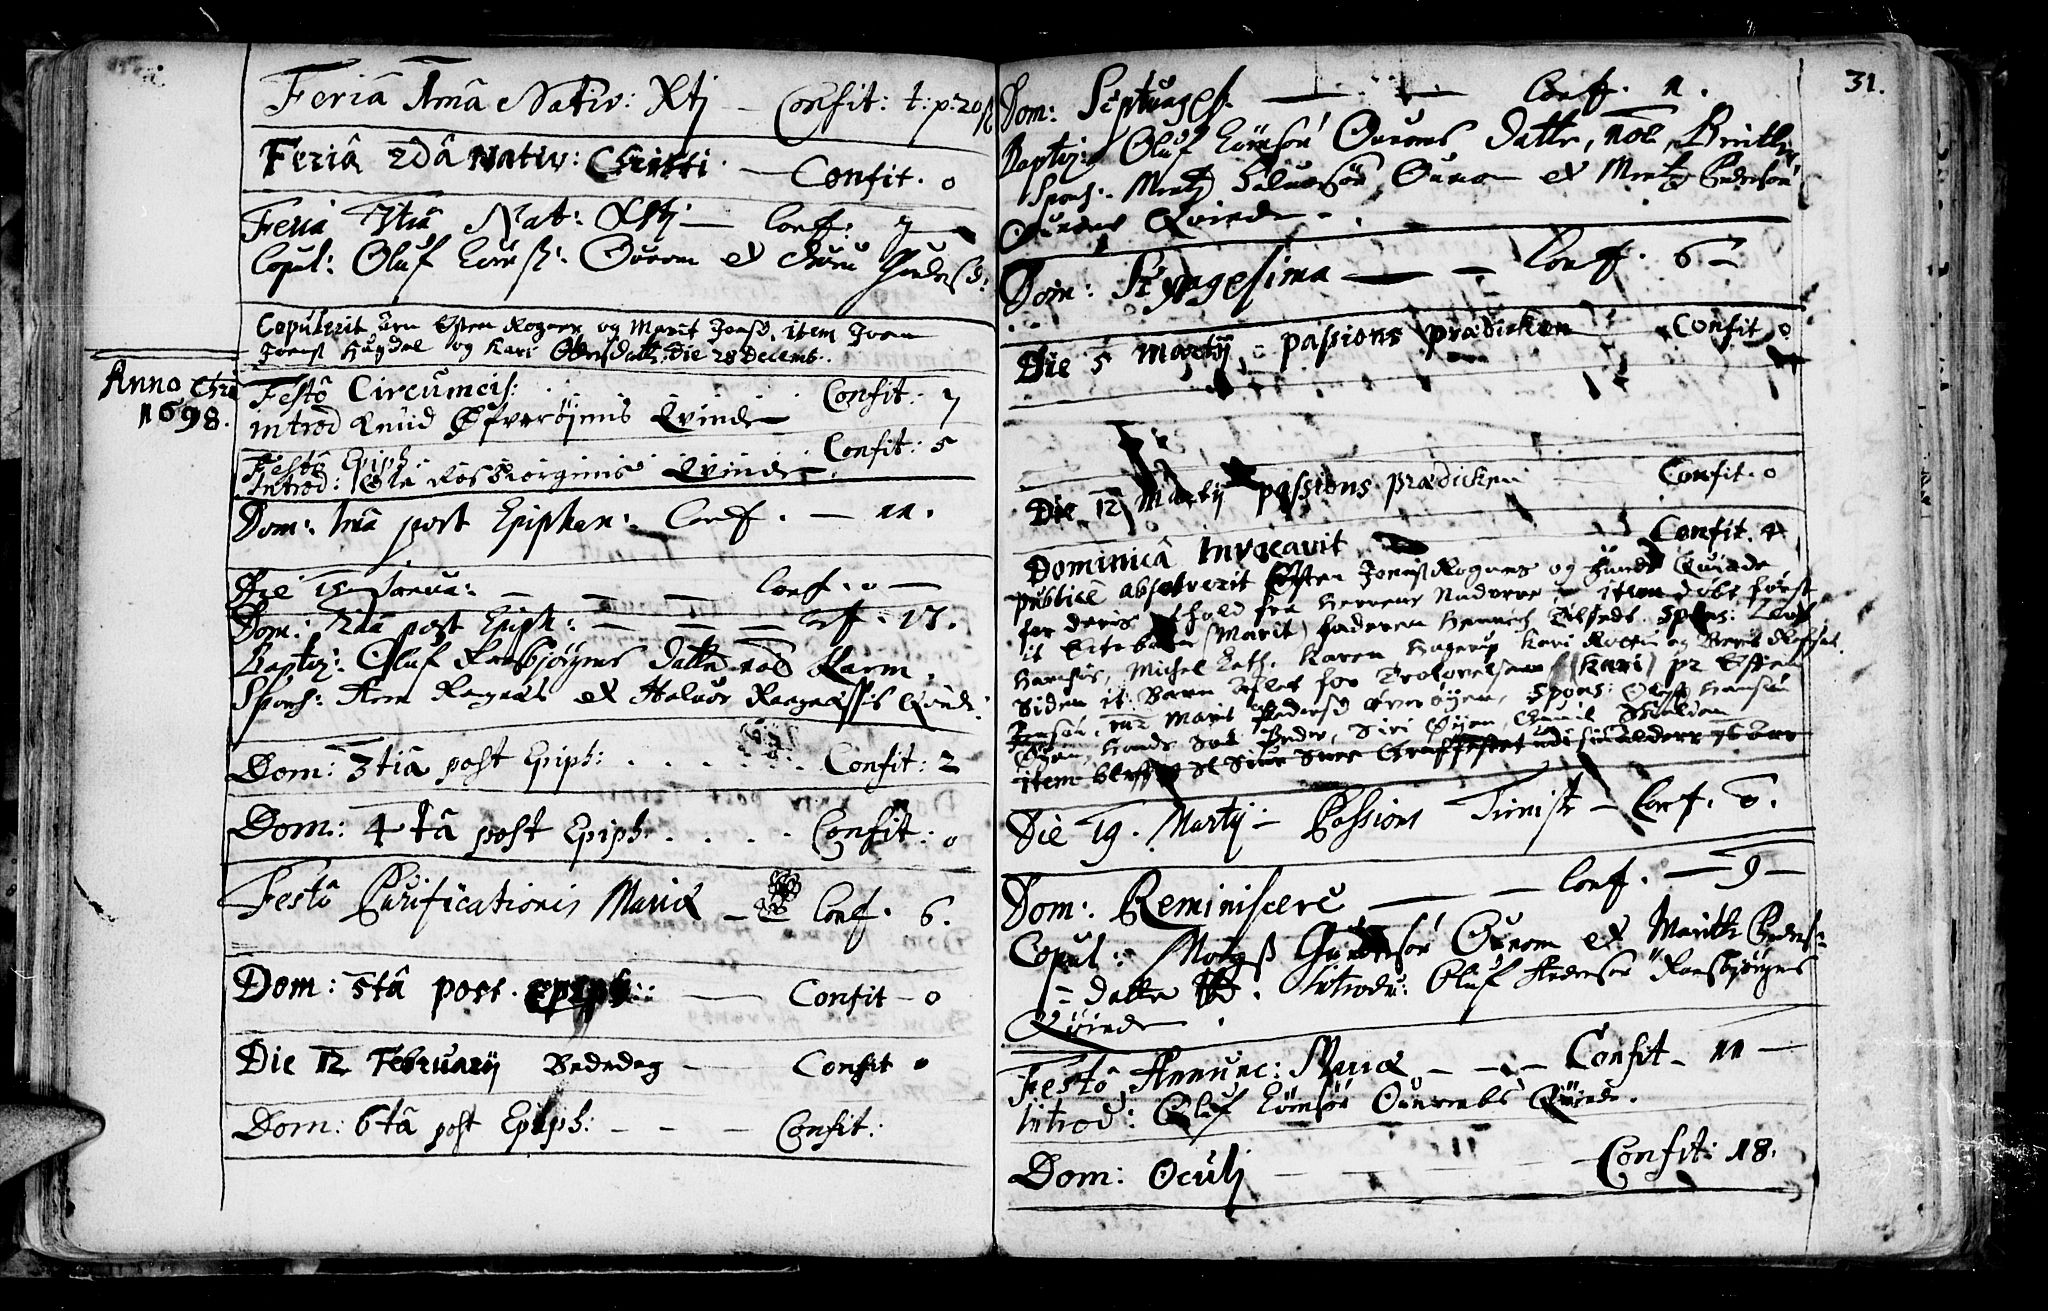 SAT, Ministerialprotokoller, klokkerbøker og fødselsregistre - Sør-Trøndelag, 687/L0990: Ministerialbok nr. 687A01, 1690-1746, s. 31